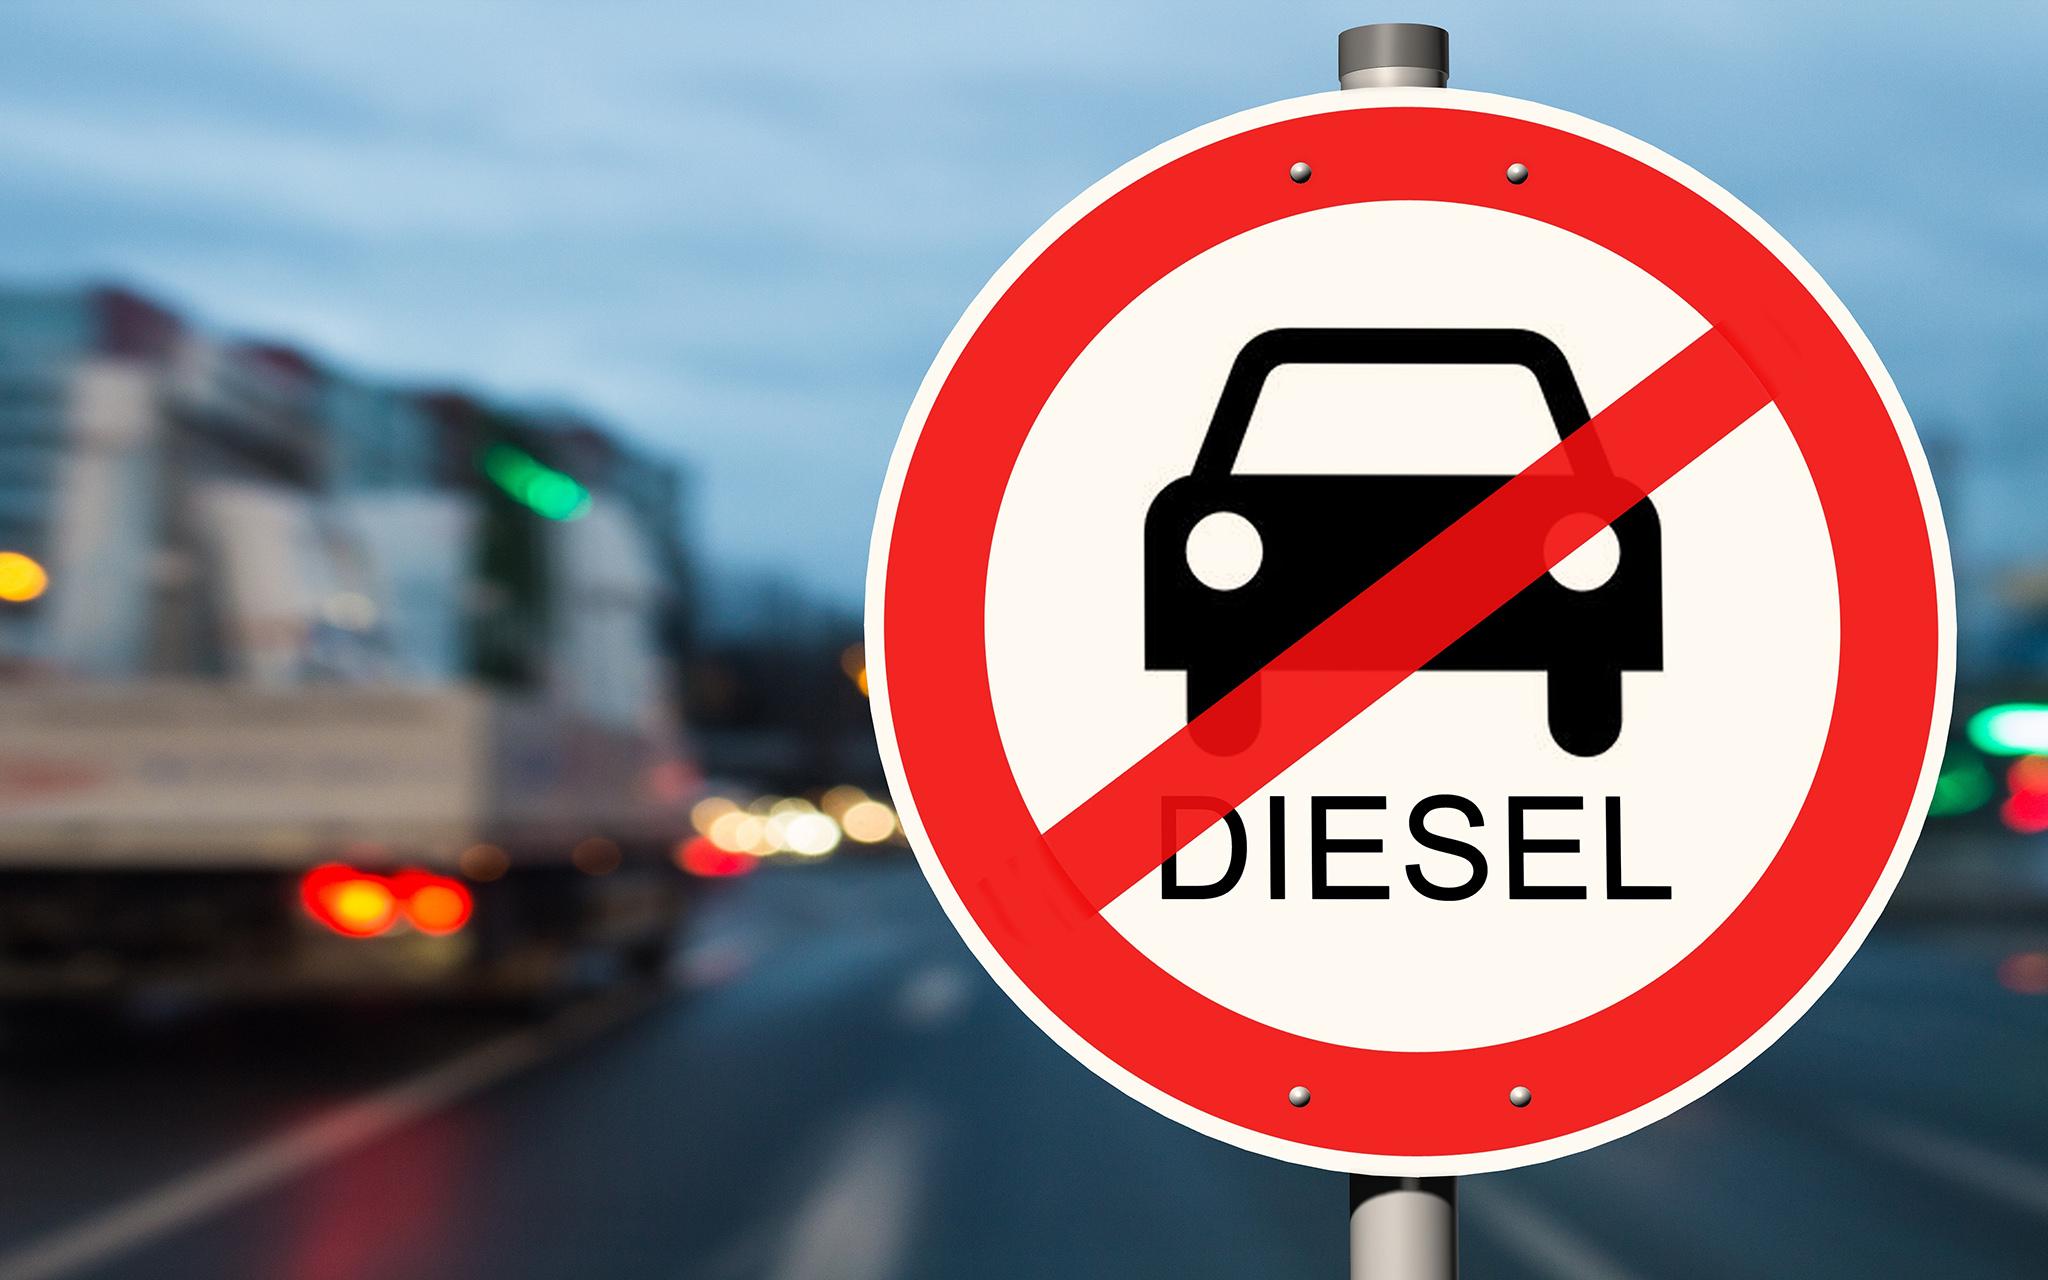 Diesel Fahrverbot Ausnahmen